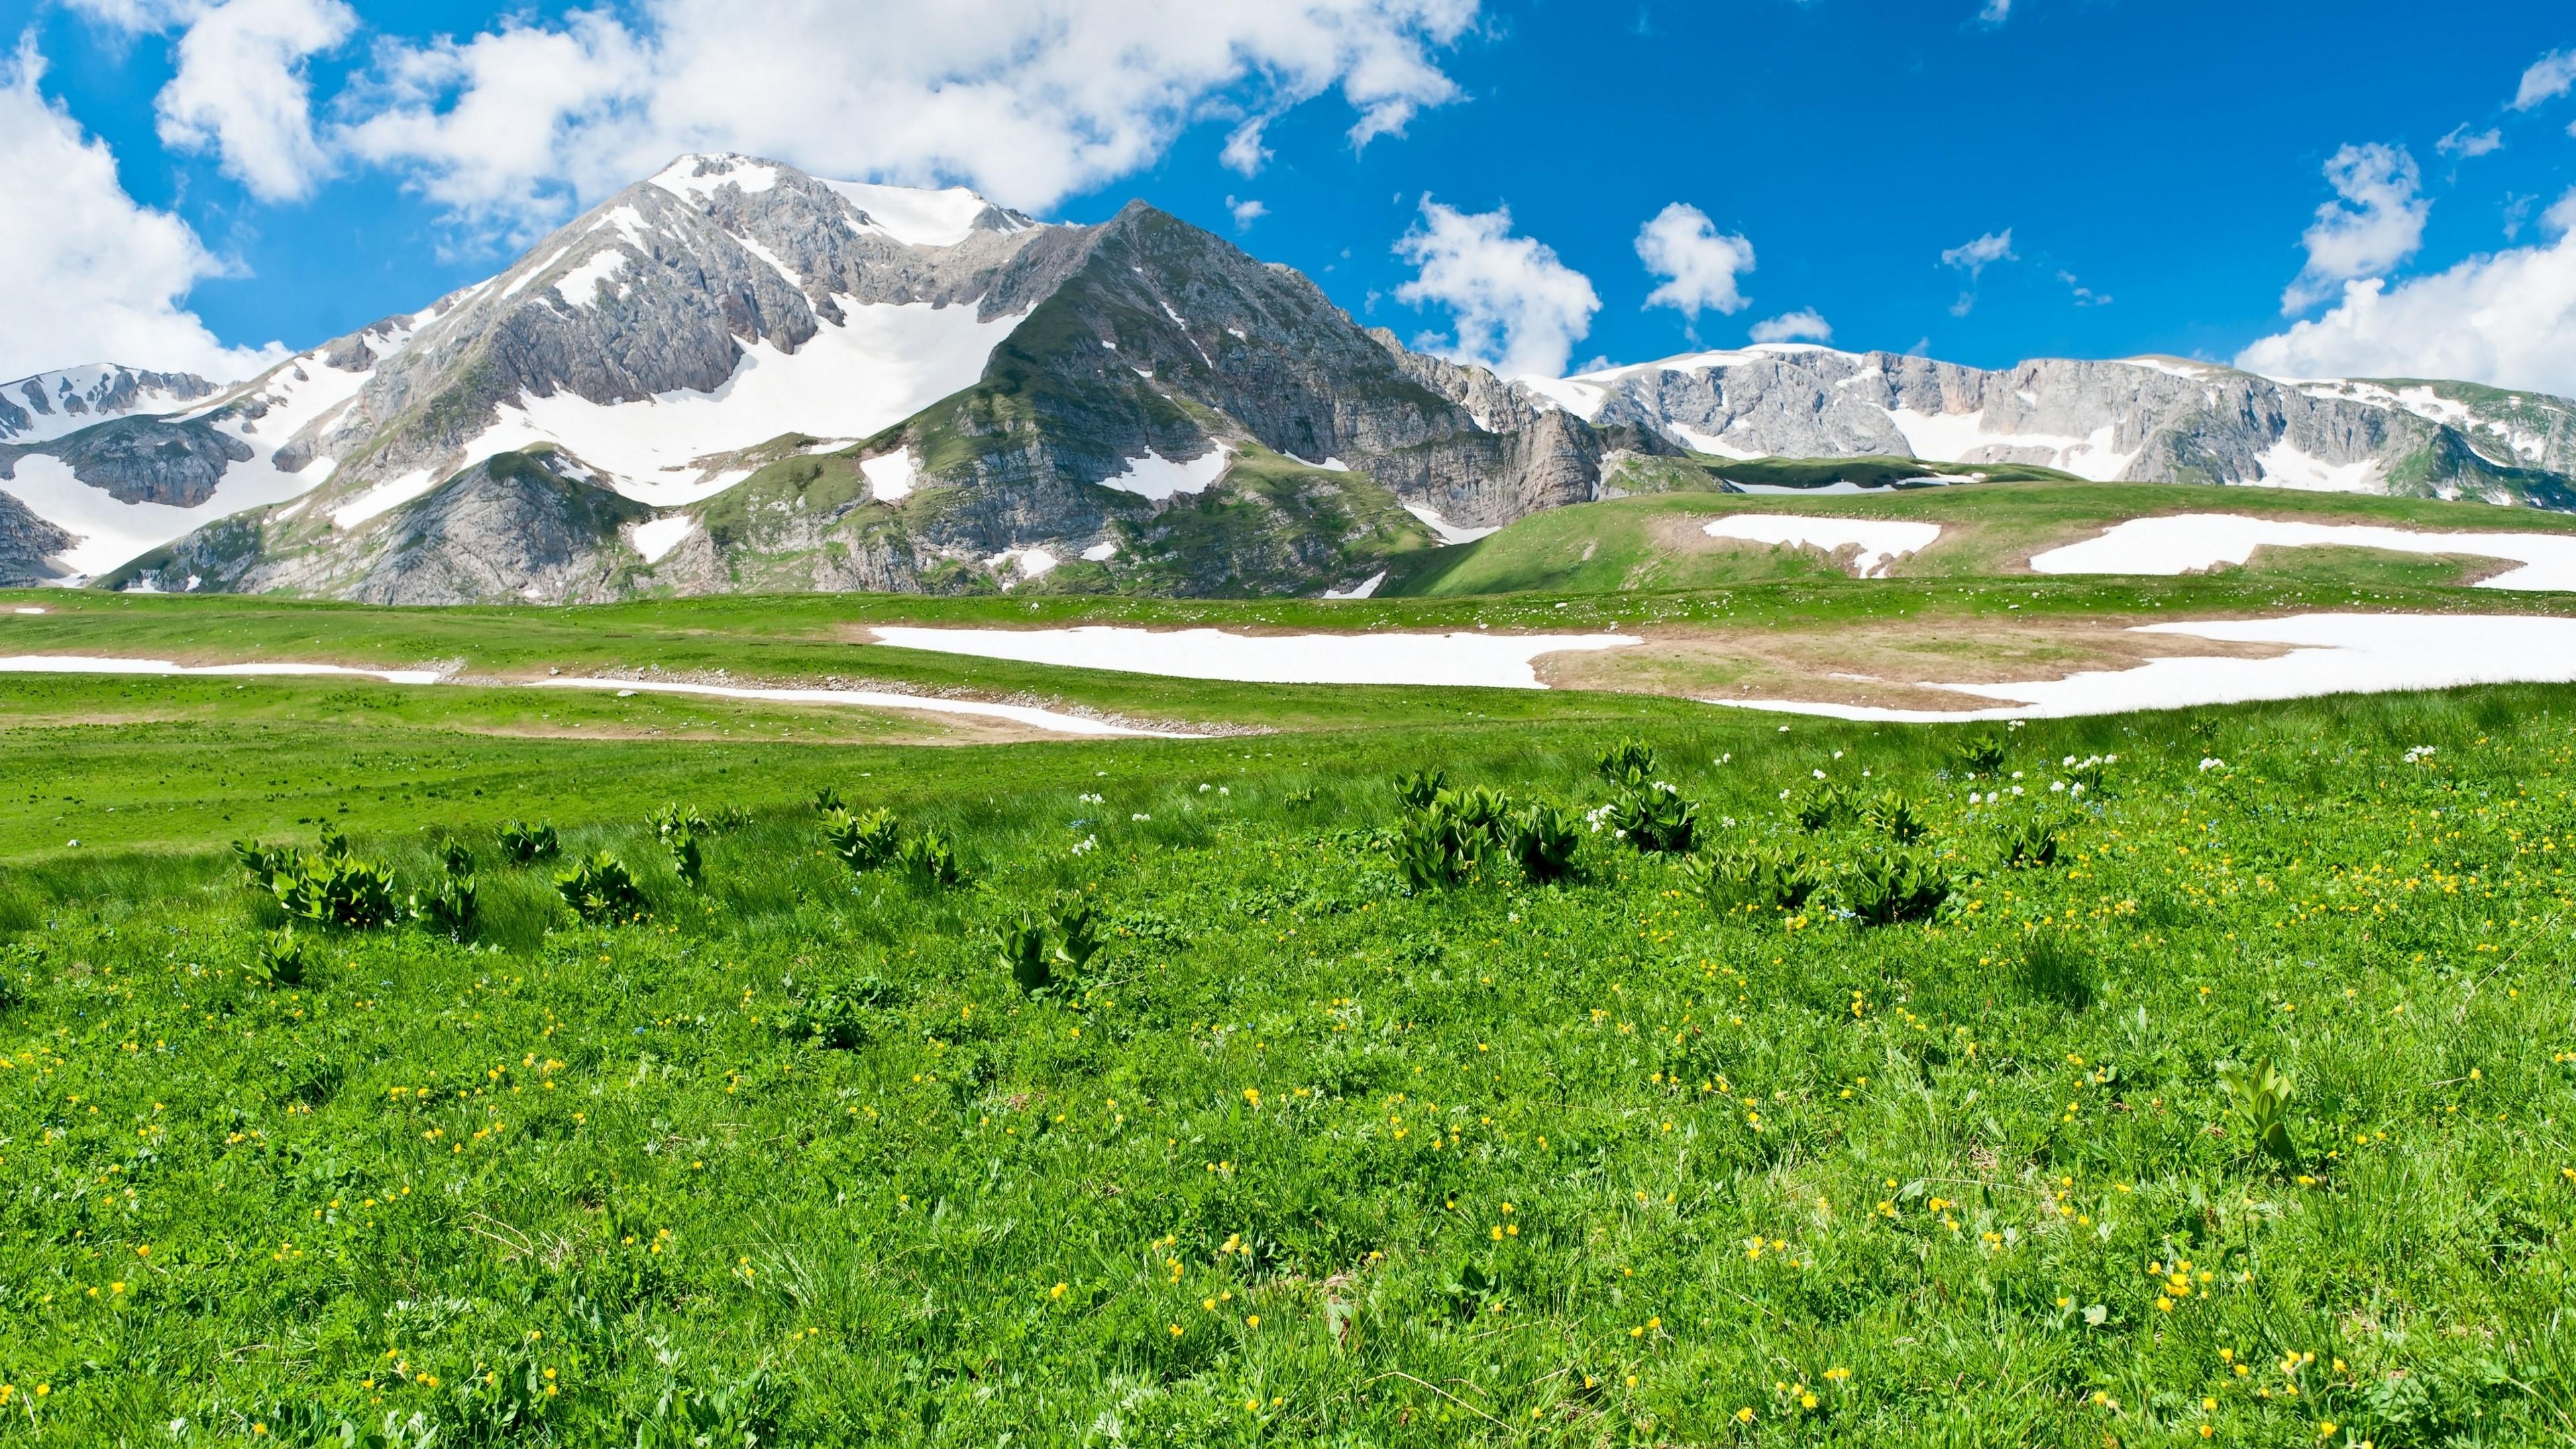 Обои rock, mountain, tree, grass, sky. Животные foto 9